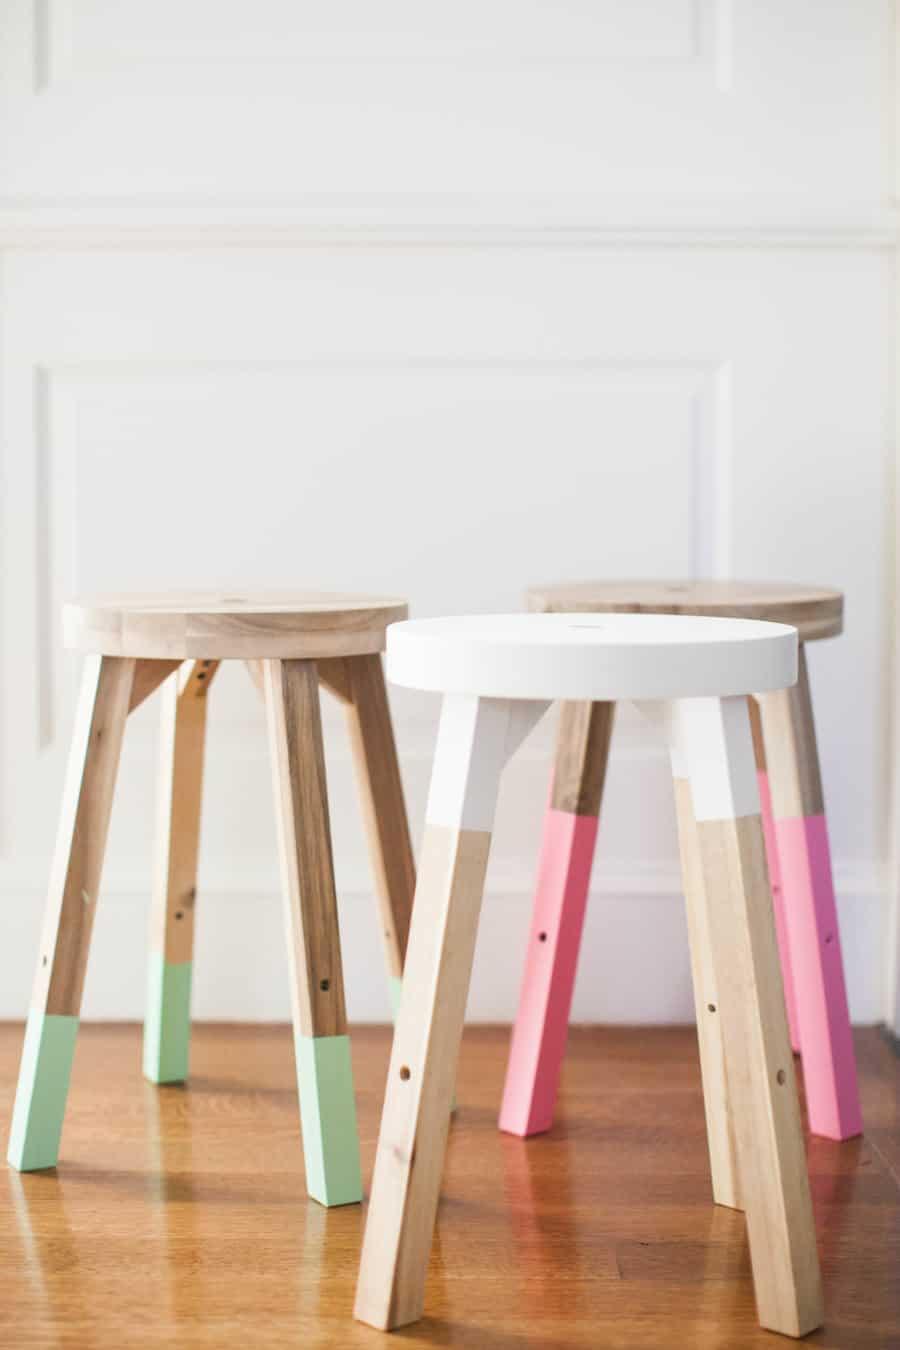 мебель ИКЕА фото 6